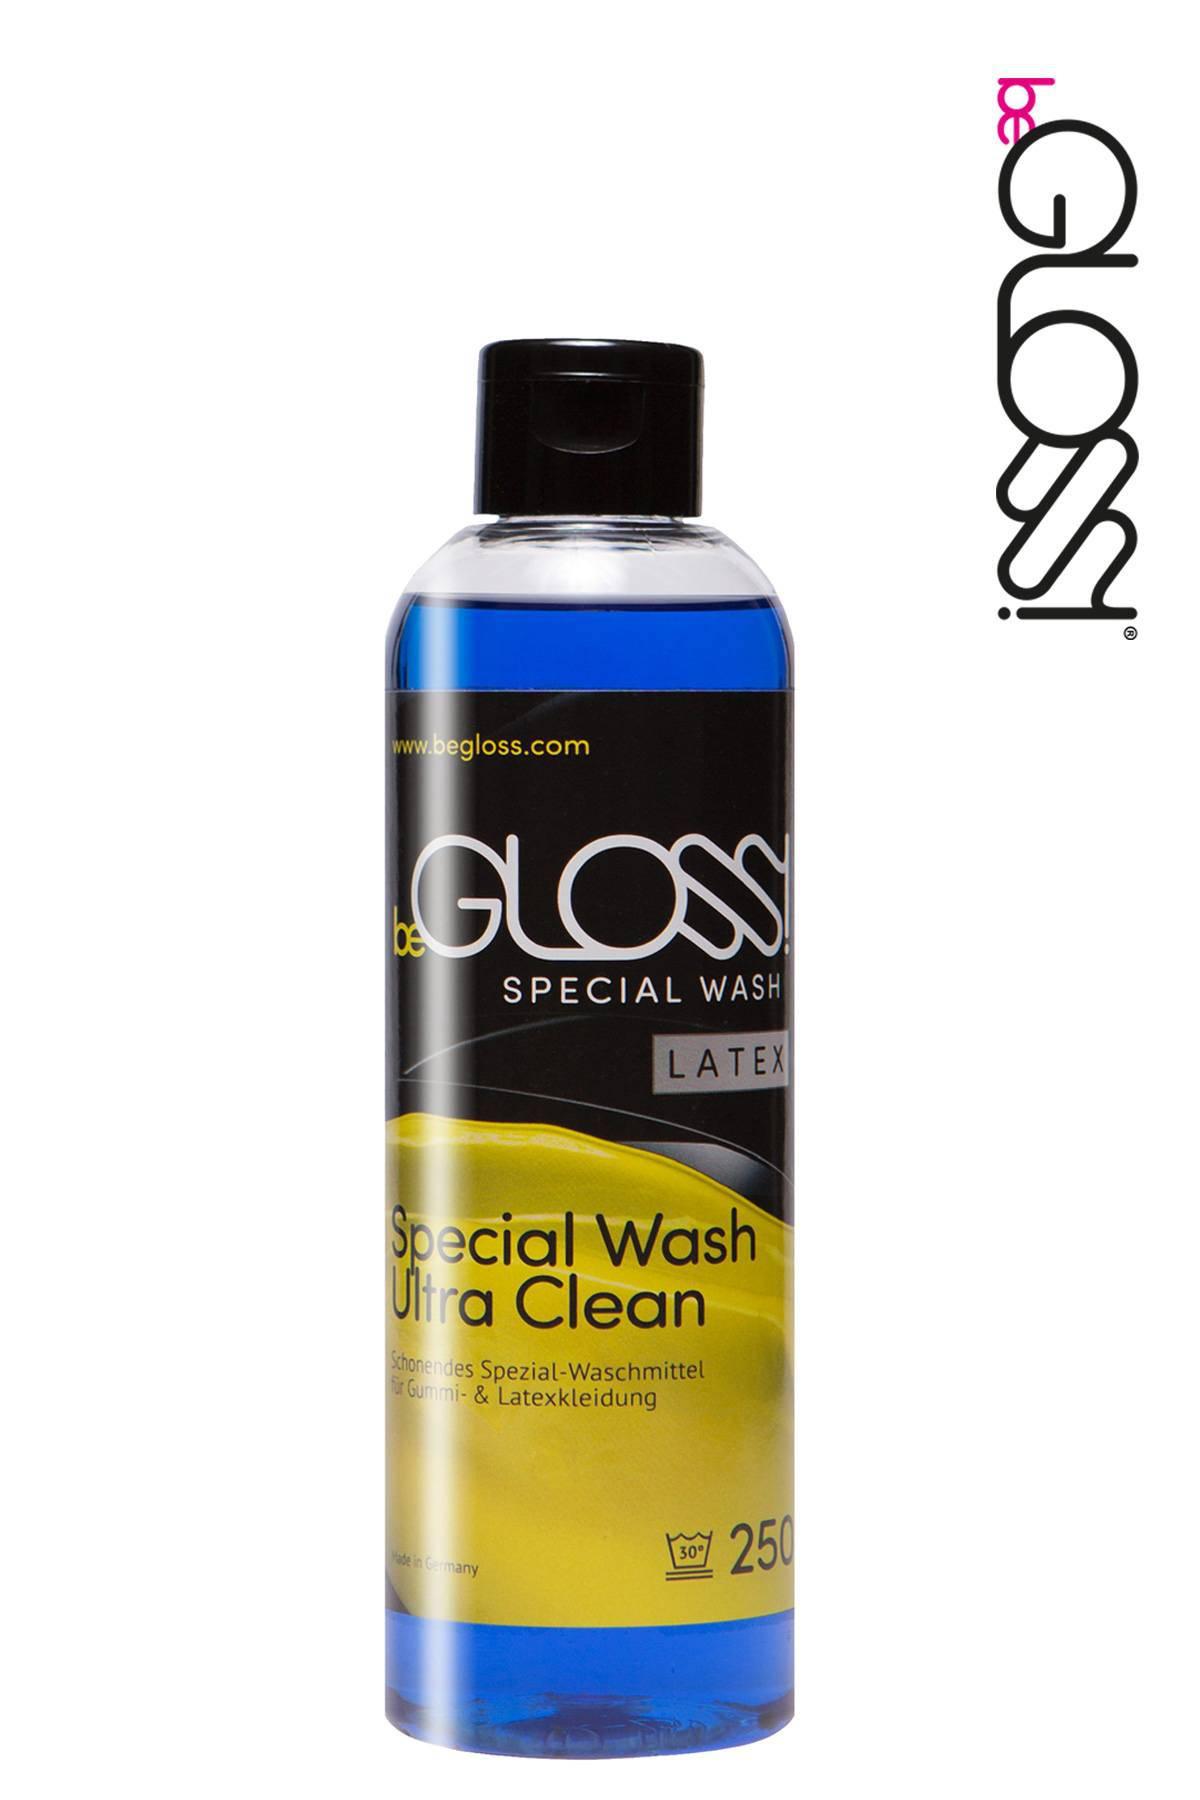 Waschmittel für Latex Kleidung von beGloss in einer 250 ml Kunststoffflasche